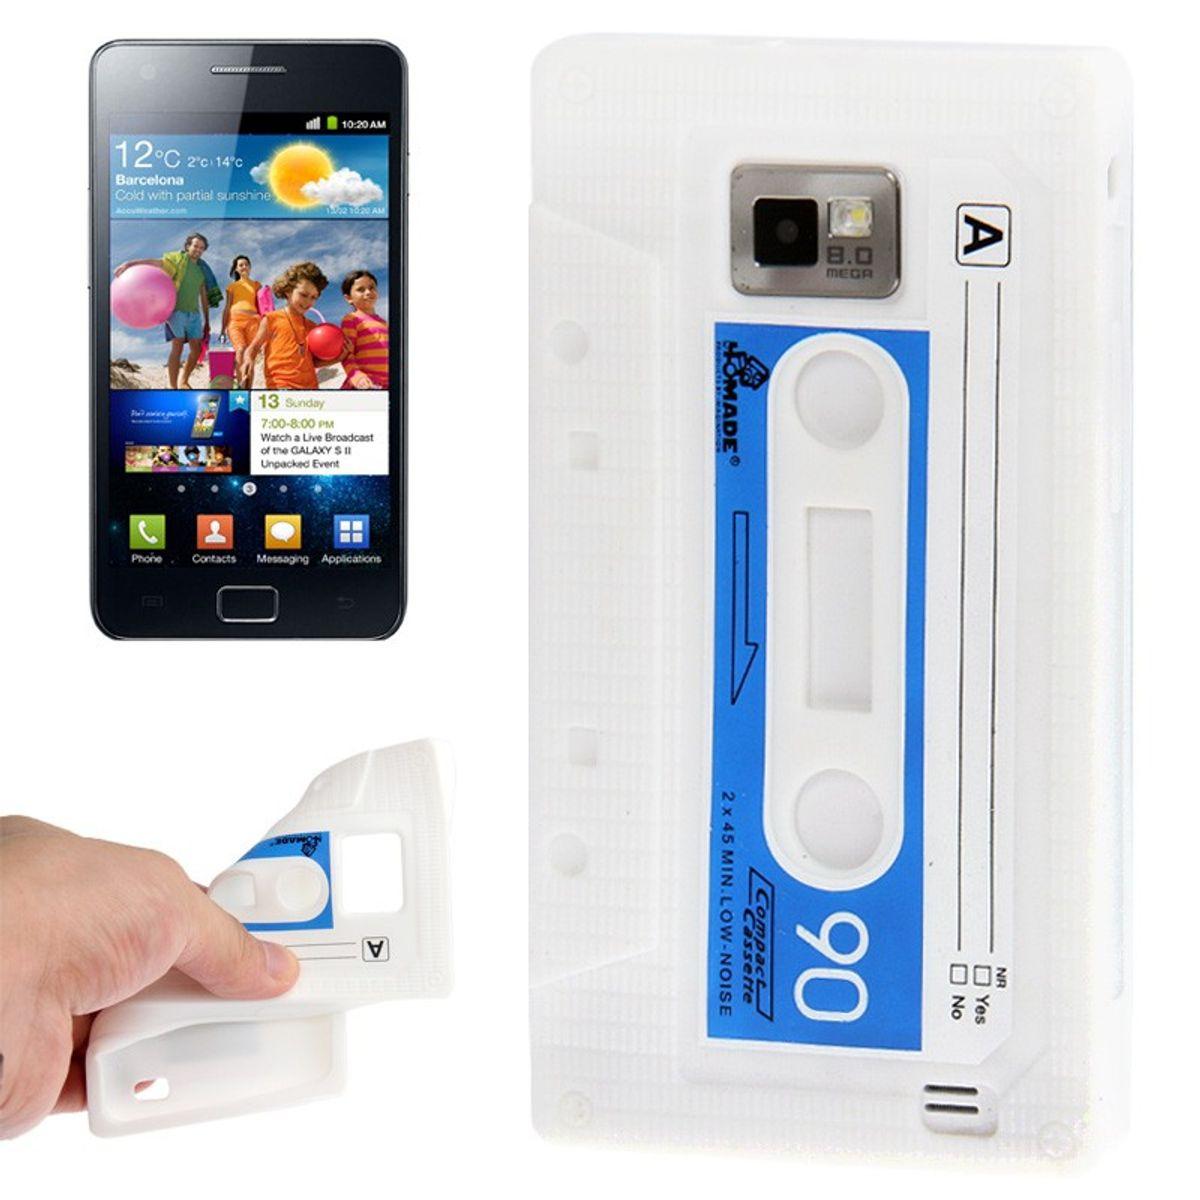 Silikon Hülle Kassette für Samsung Galaxy S2 i9100 weiß